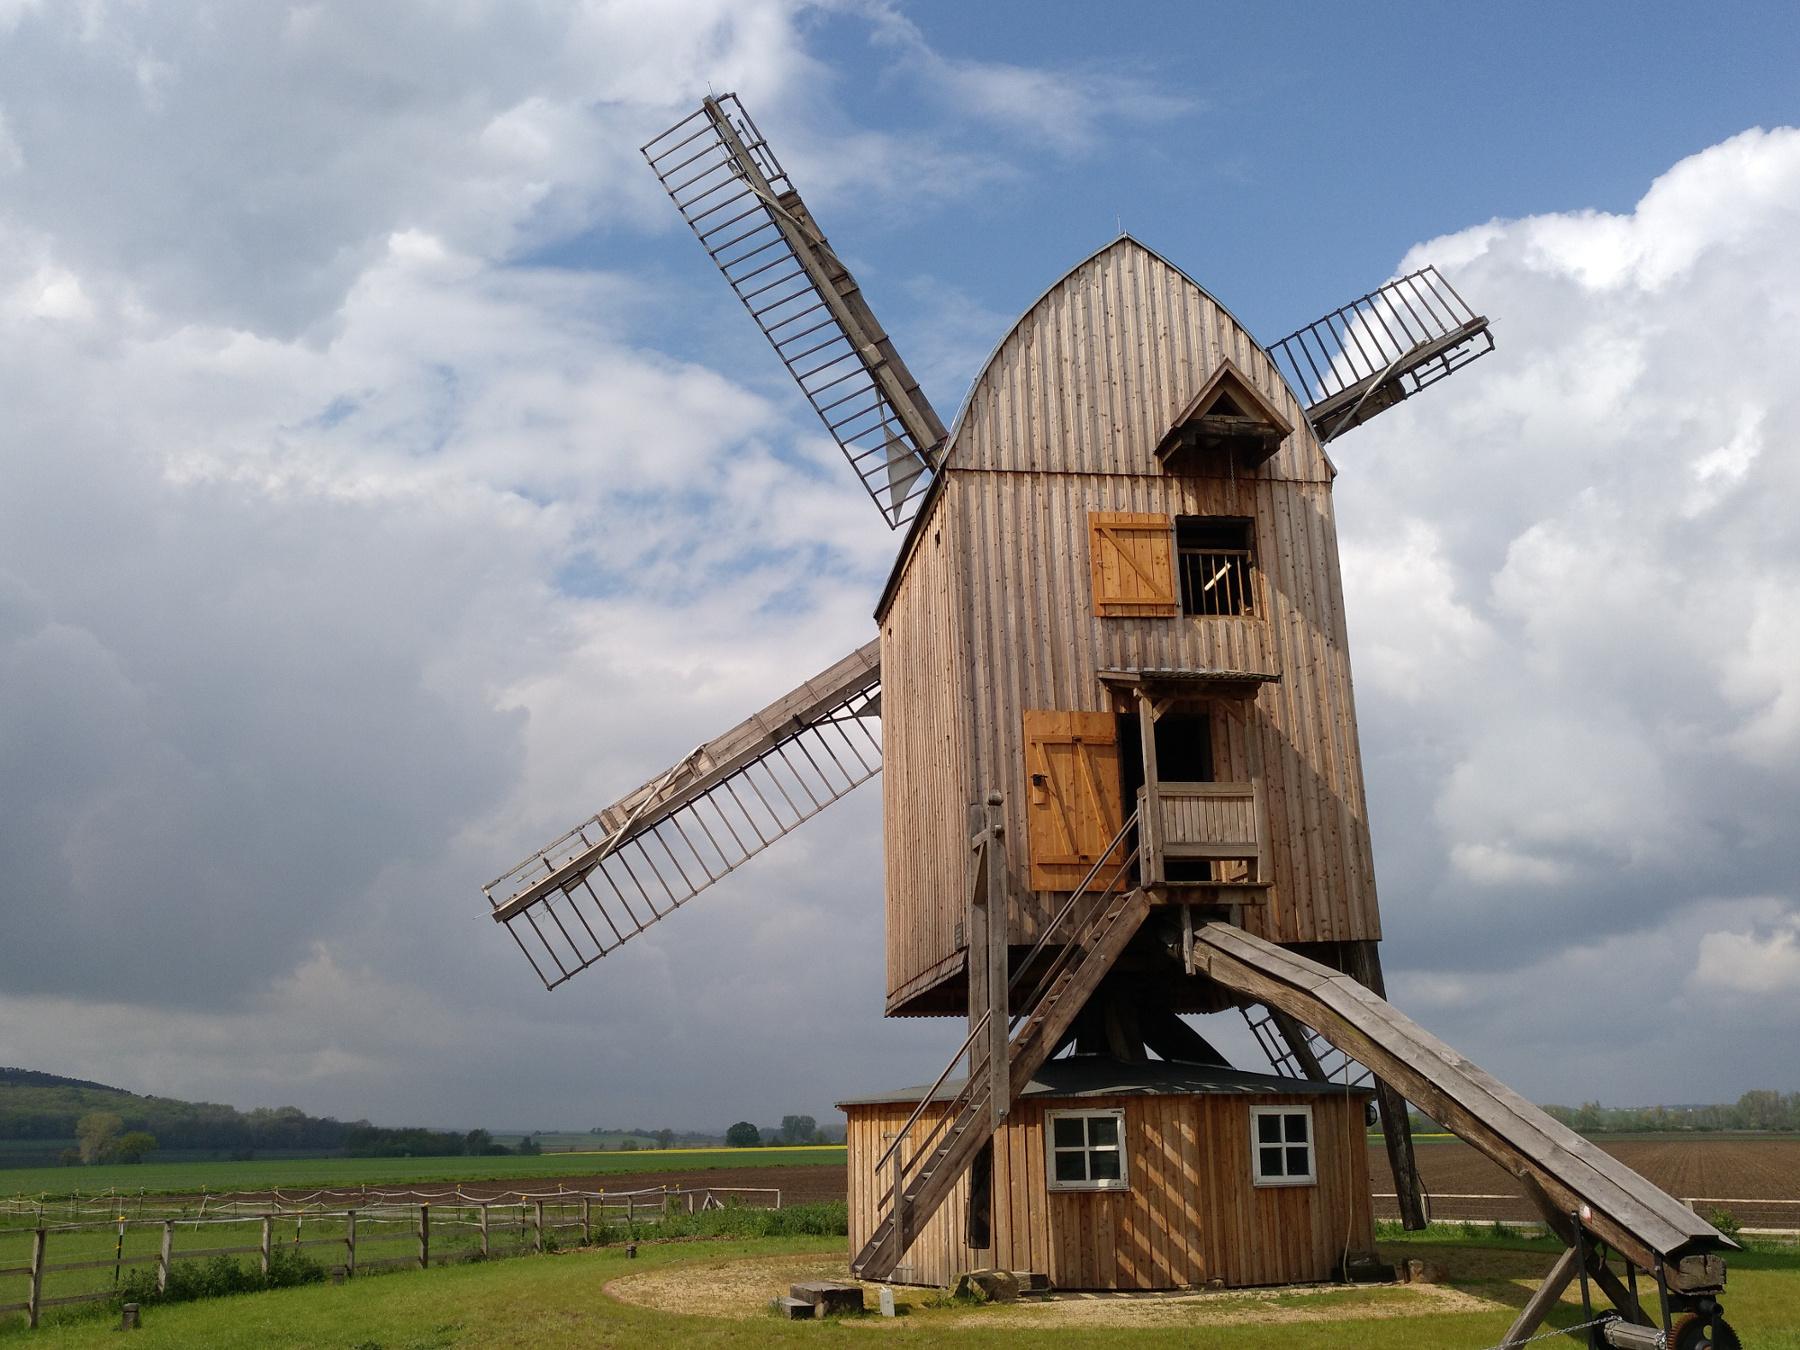 Windmühle im Sonnenschein, Treppe führt nach oben, in saniertem gutem Zustand